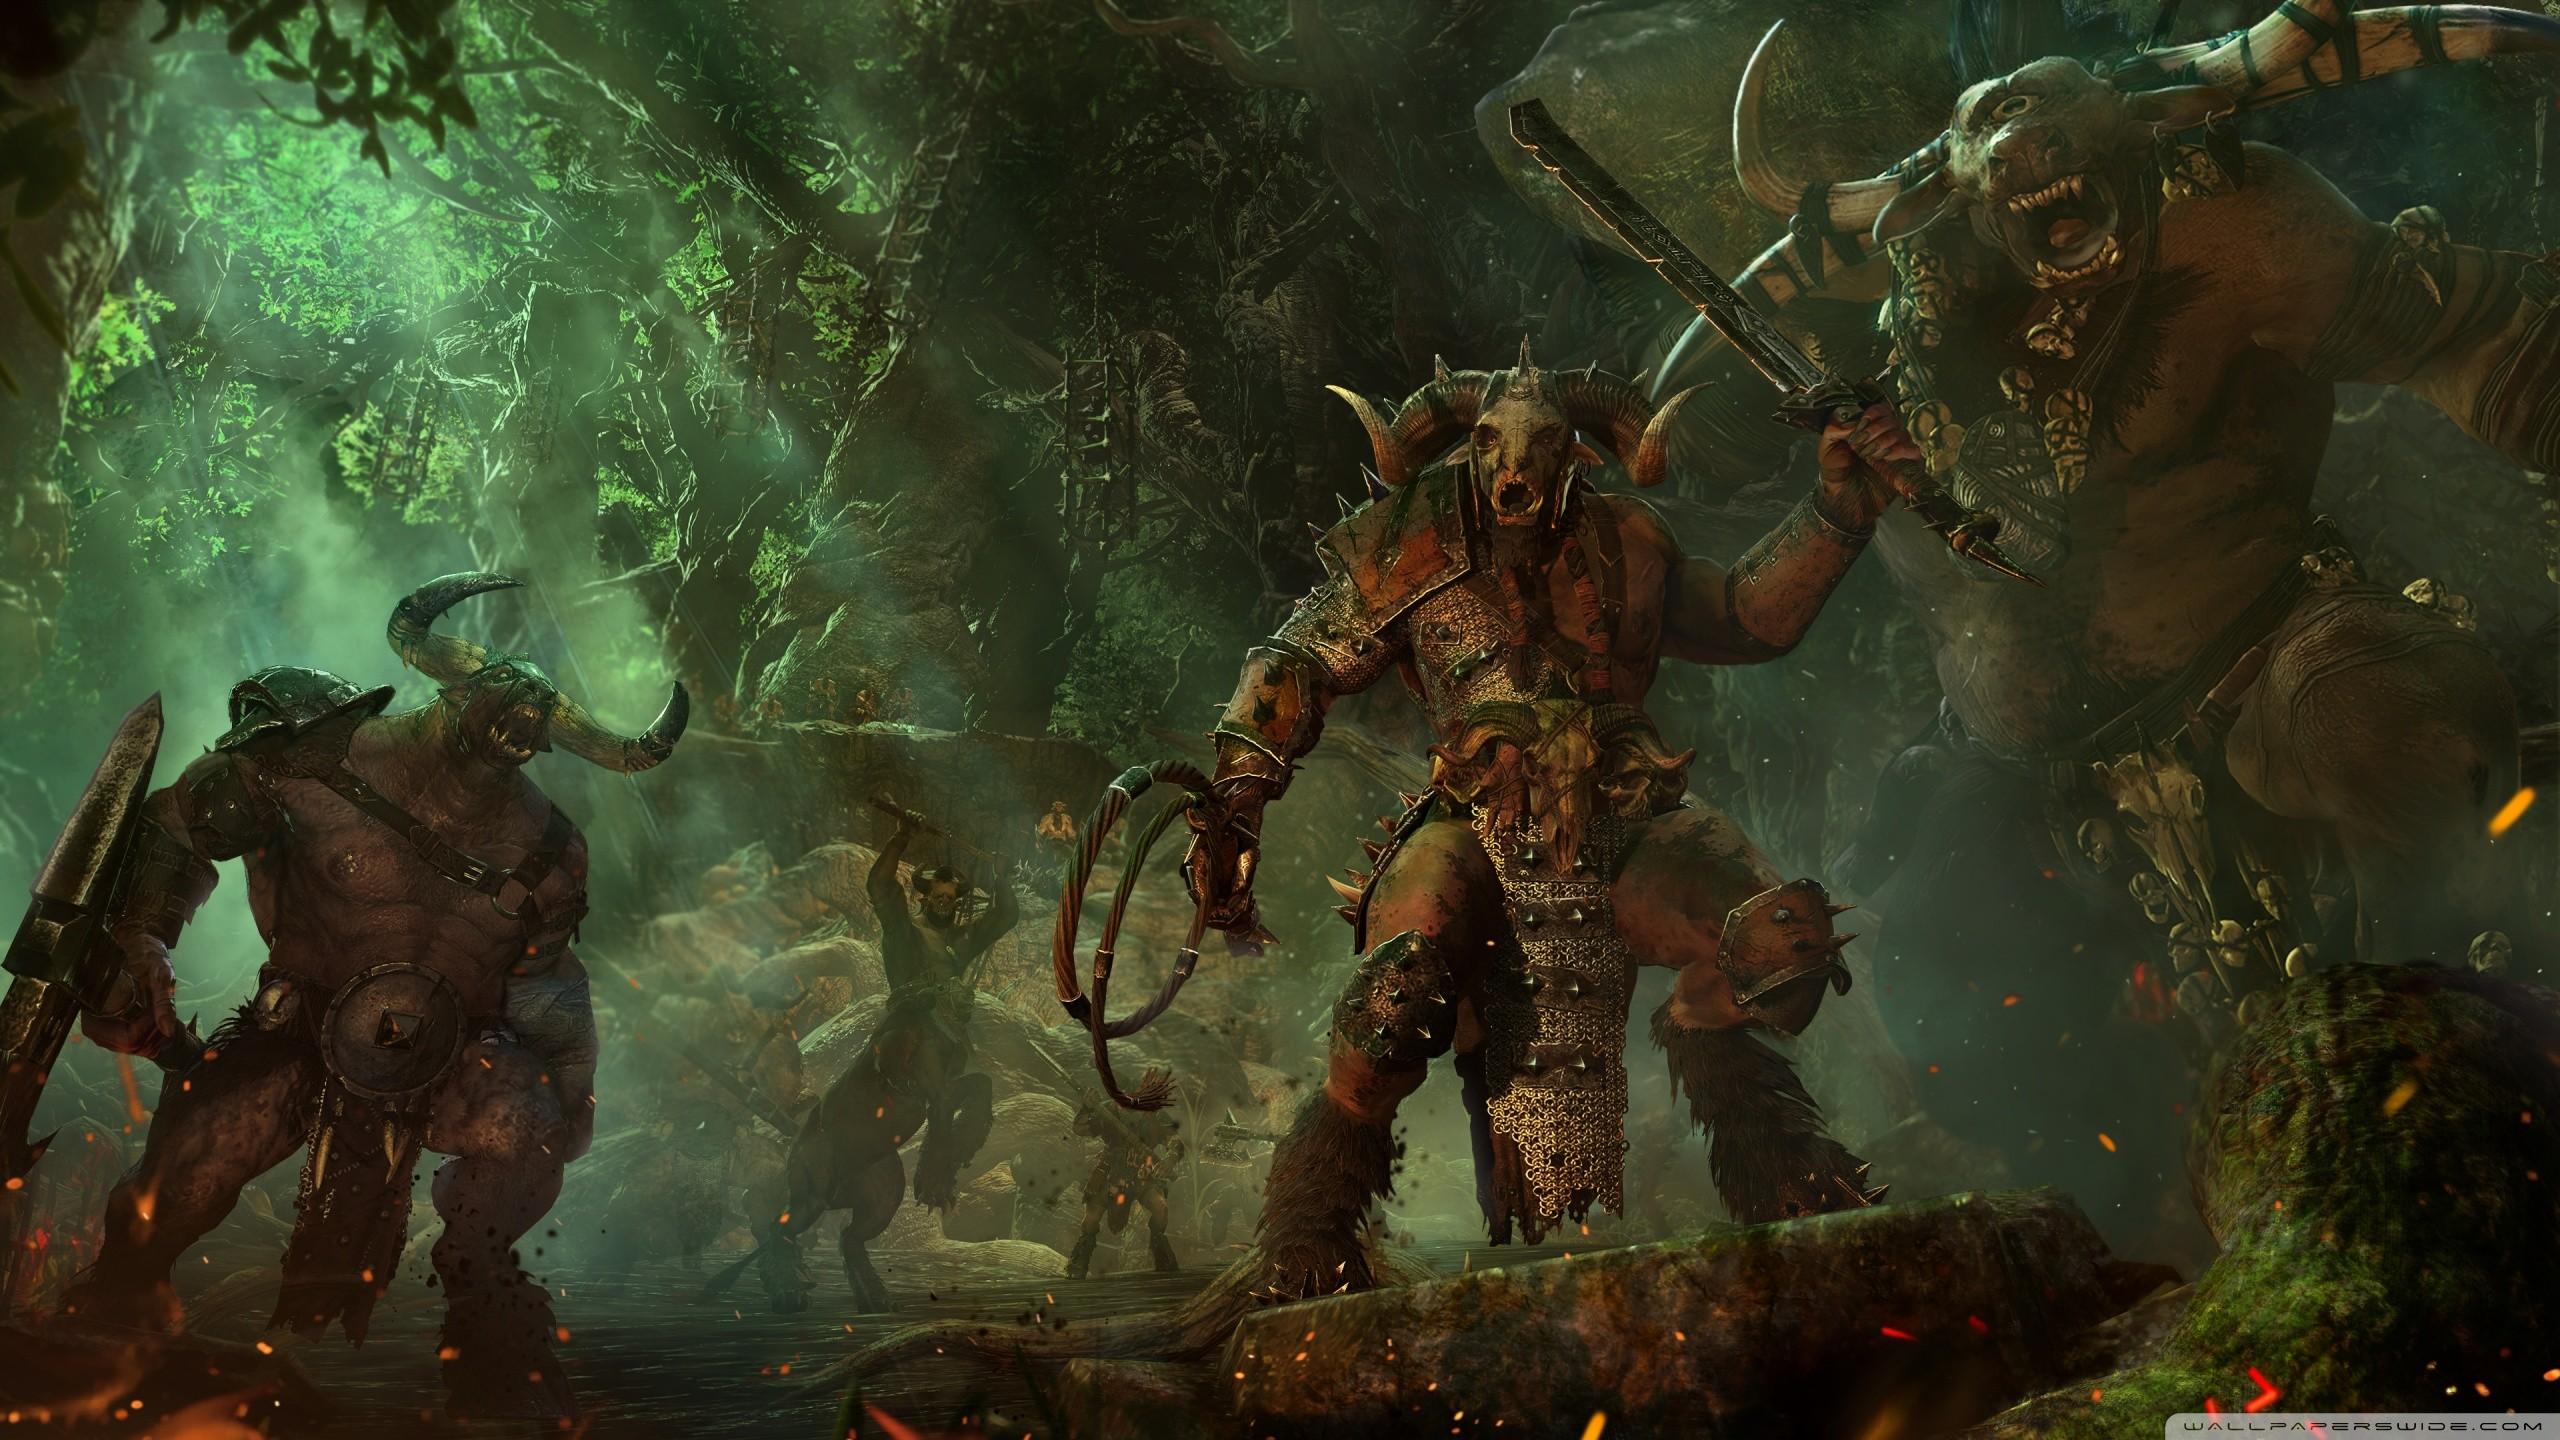 Warhammer Total War 2 Wallpaper 2560 X 1440 Dark Elves: Total War Warhammer II Wallpapers (84+ Images